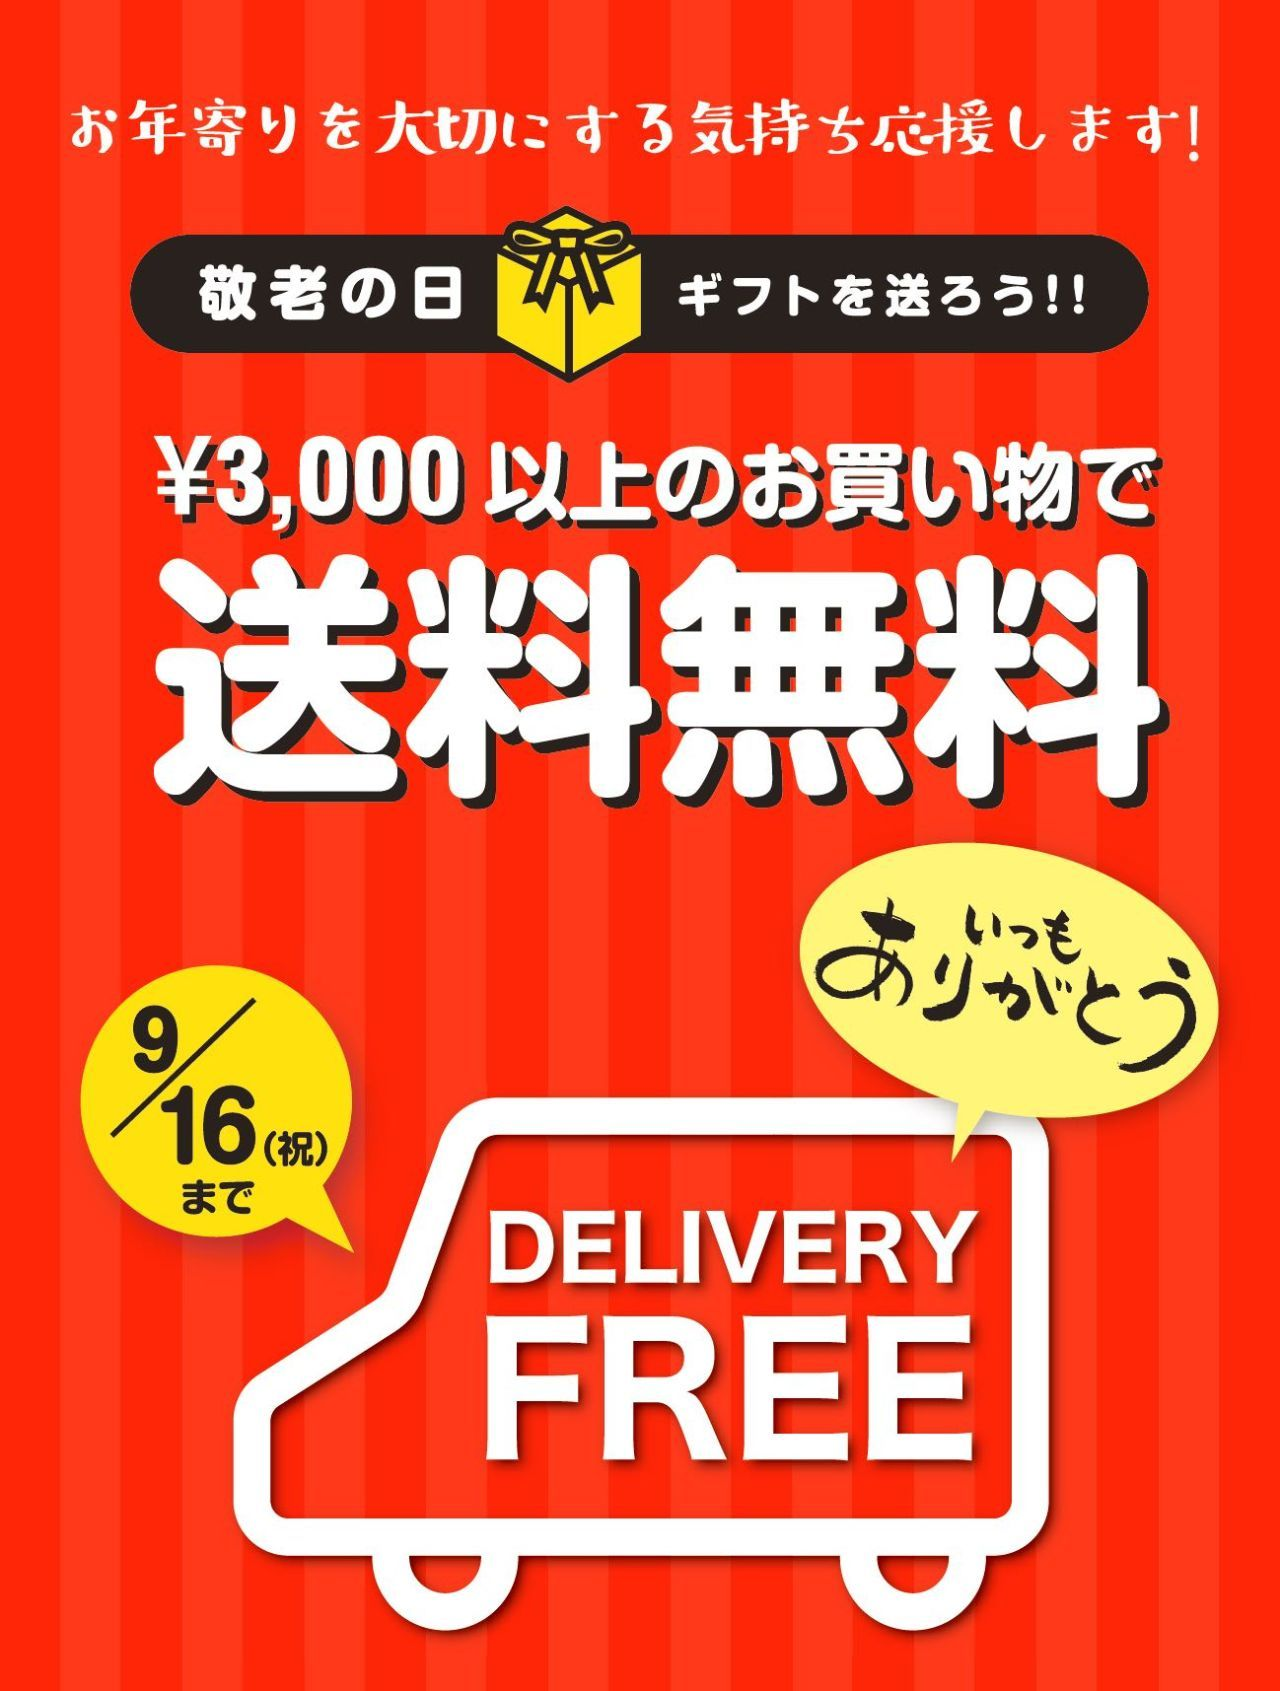 「【敬老の日】送料無料【キャンペーン】」の写真